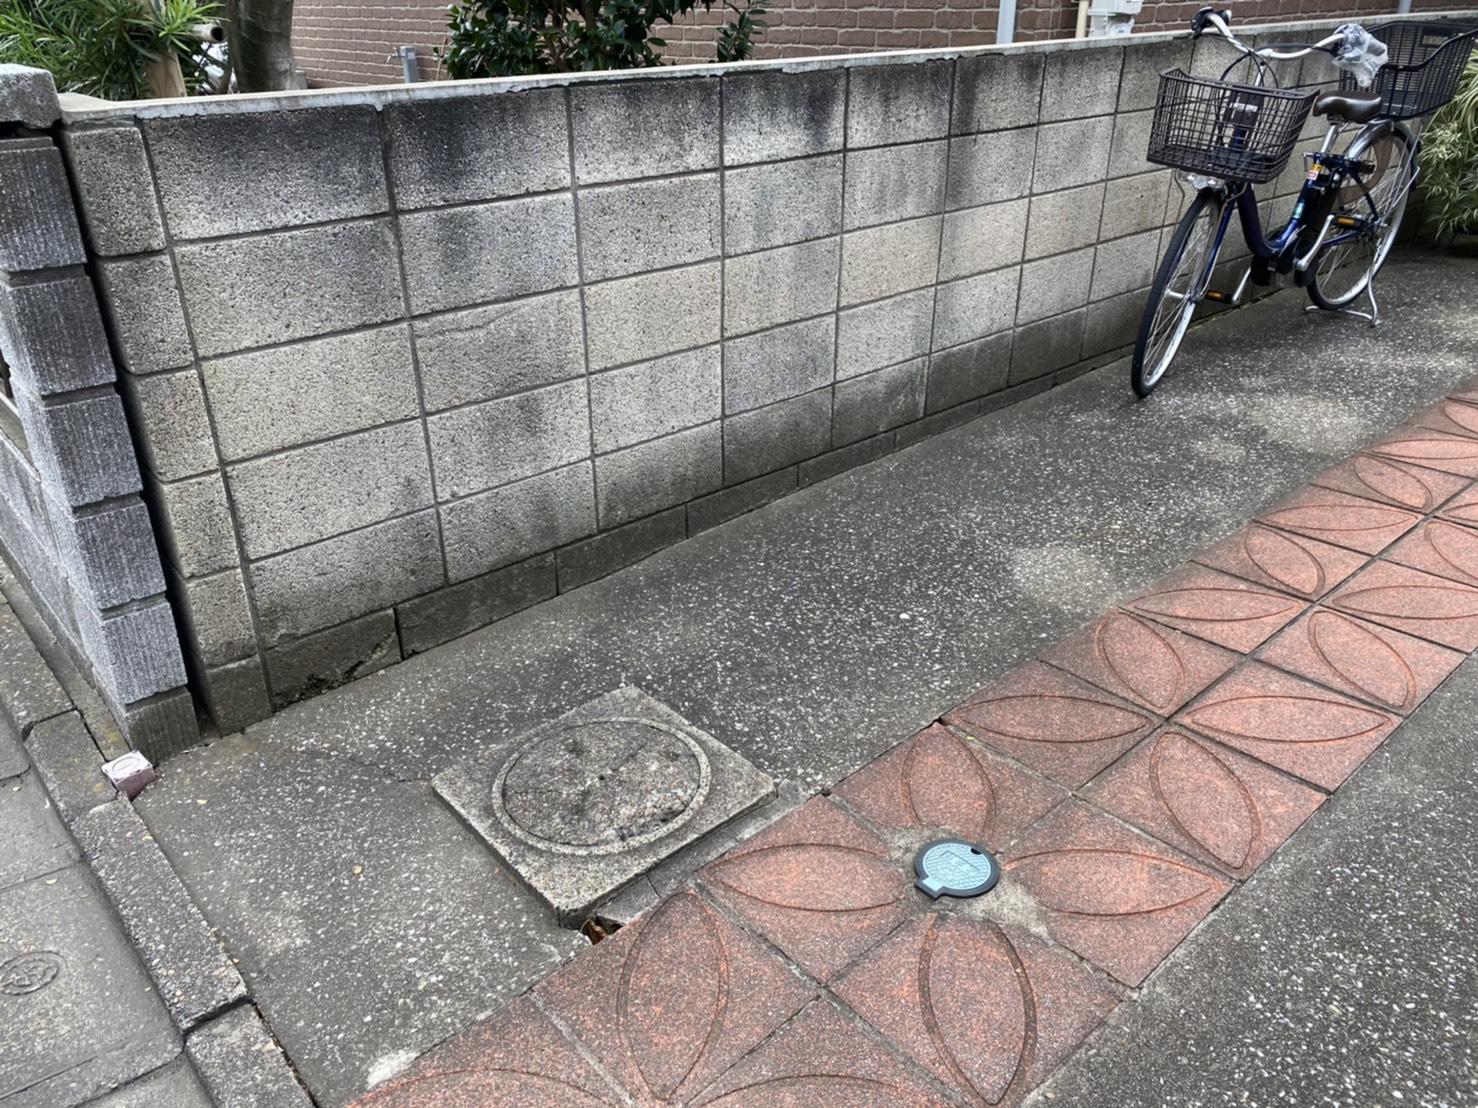 埼玉県蕨市のマッサージチェアの回収後